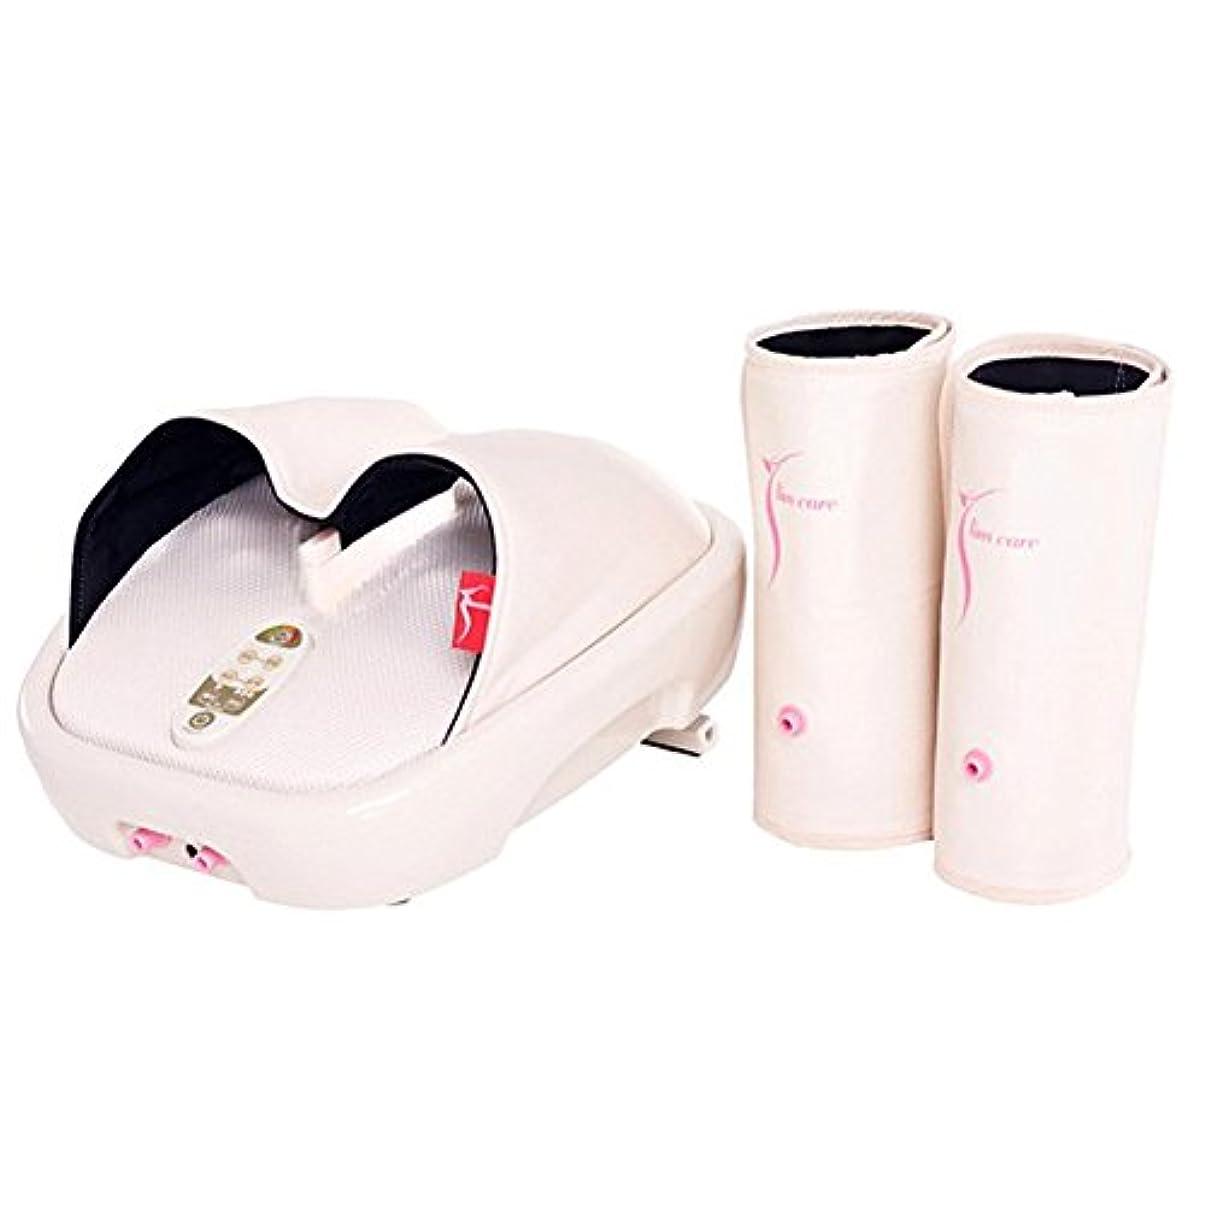 宝リレーテレビHanil 532 Y-Liner HIL-9000F Air Compression Heating Foot Massager with Calf Cuff ハニール532 YライナーHILL-9000Fエアコンプレッションヒートフットマッサージャー...